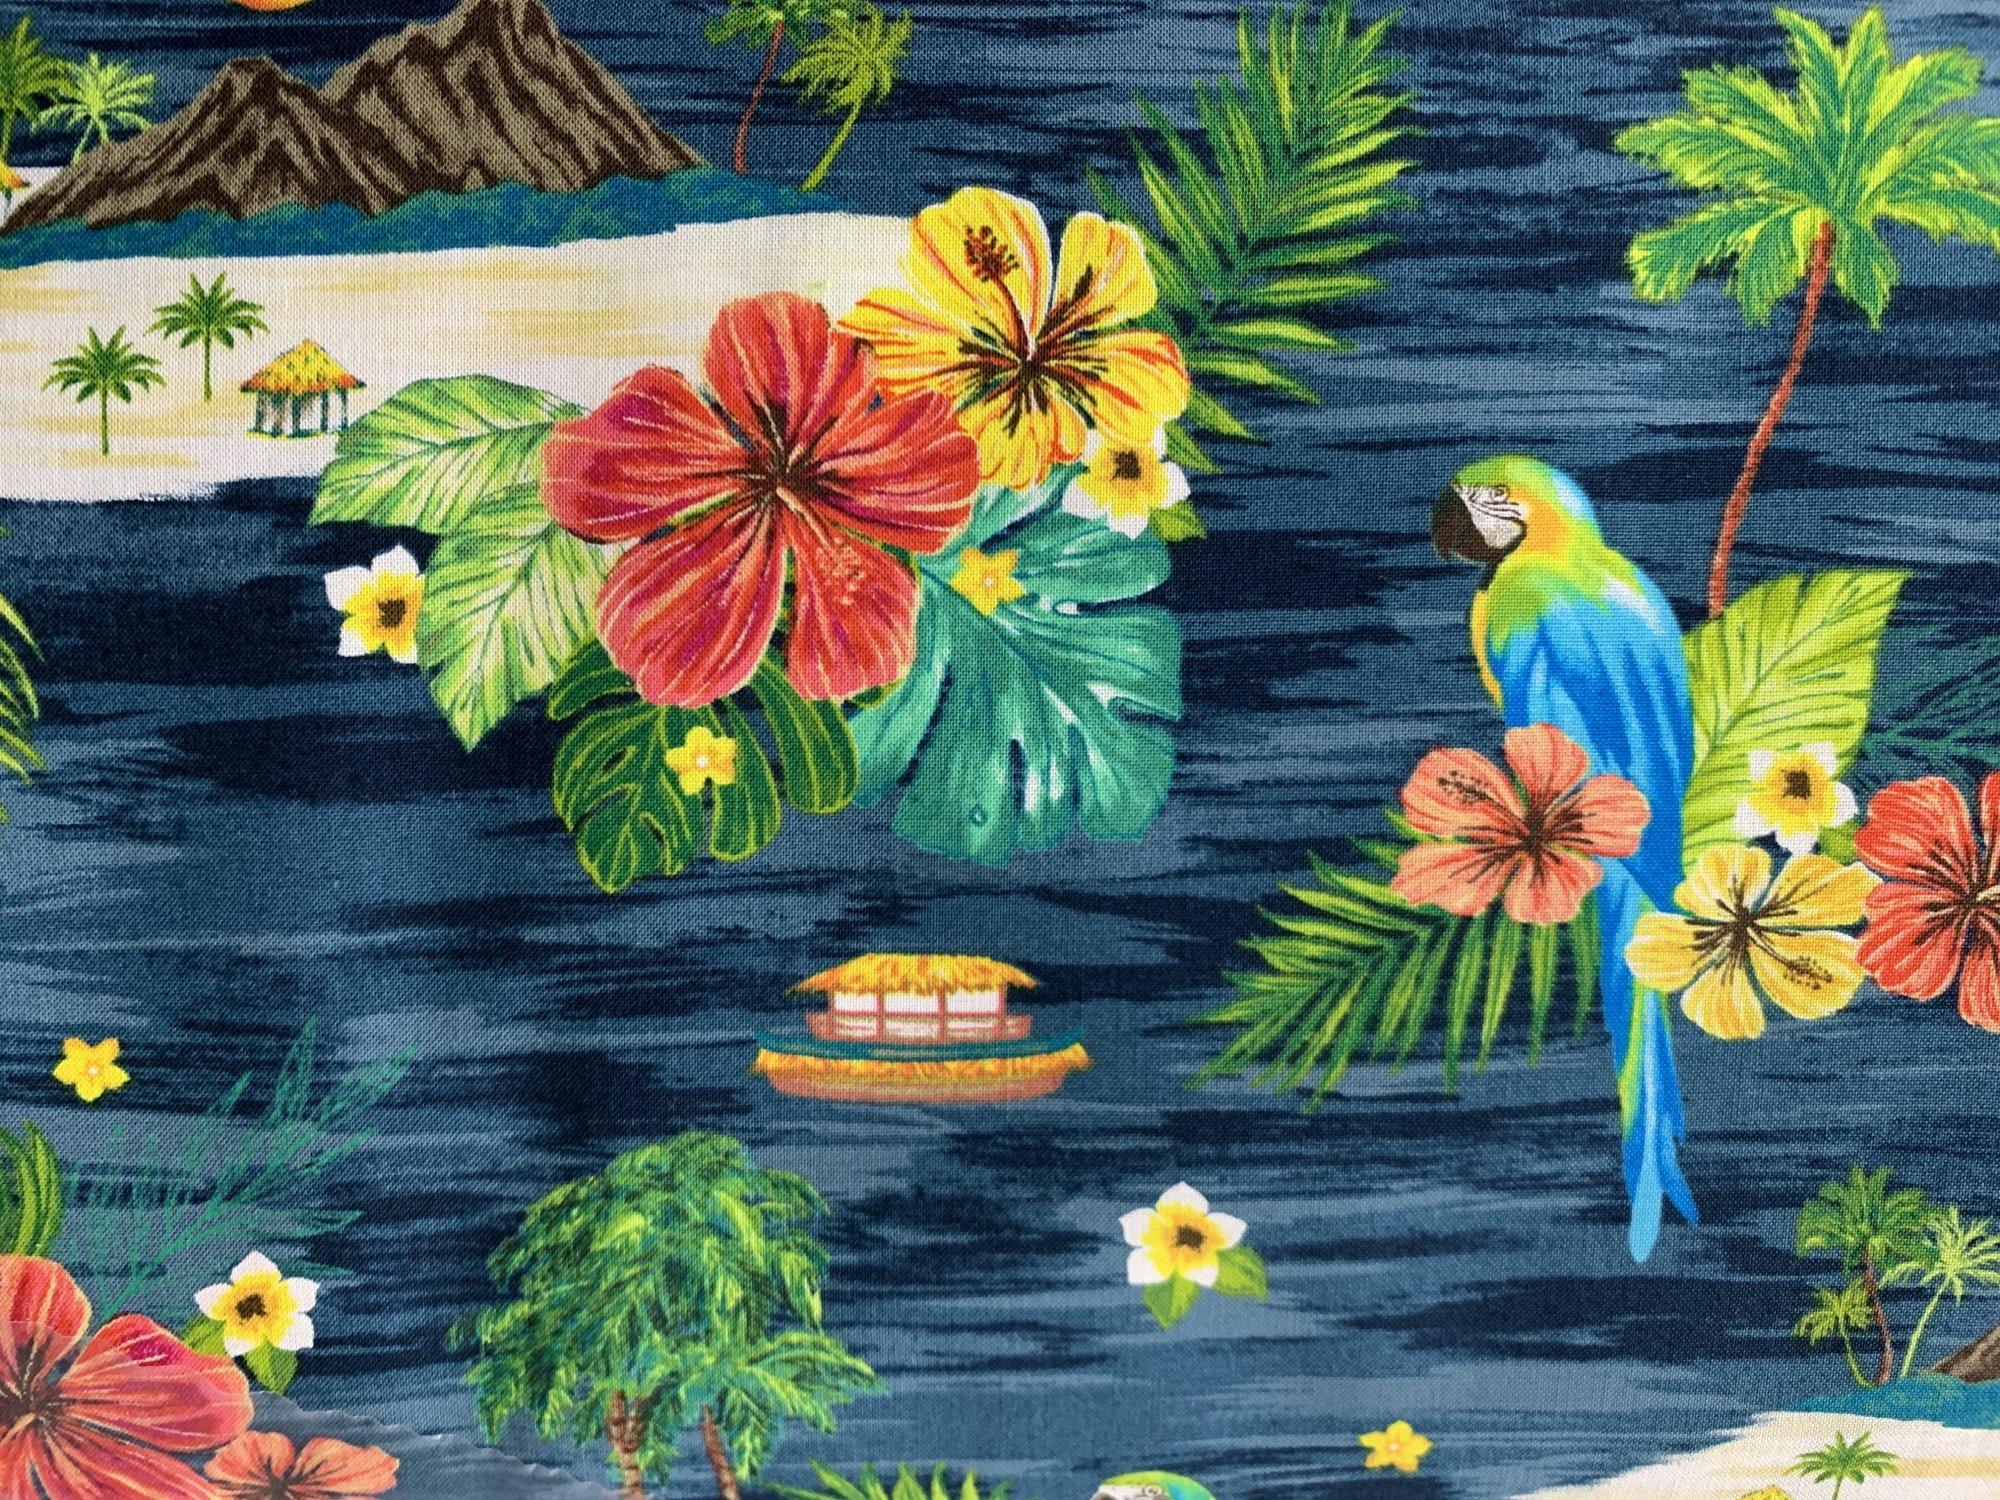 Ocean Island Scene 51779-2